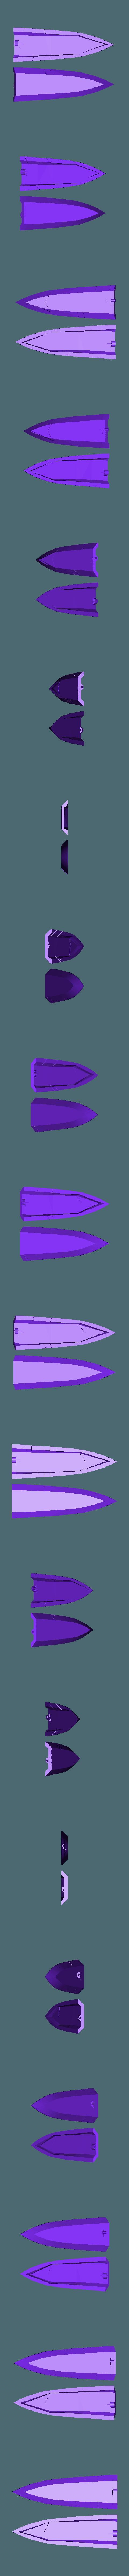 MS-Blade-SM-Tip.stl Télécharger fichier STL gratuit LED Zelda Master • Modèle pour imprimante 3D, Adafruit